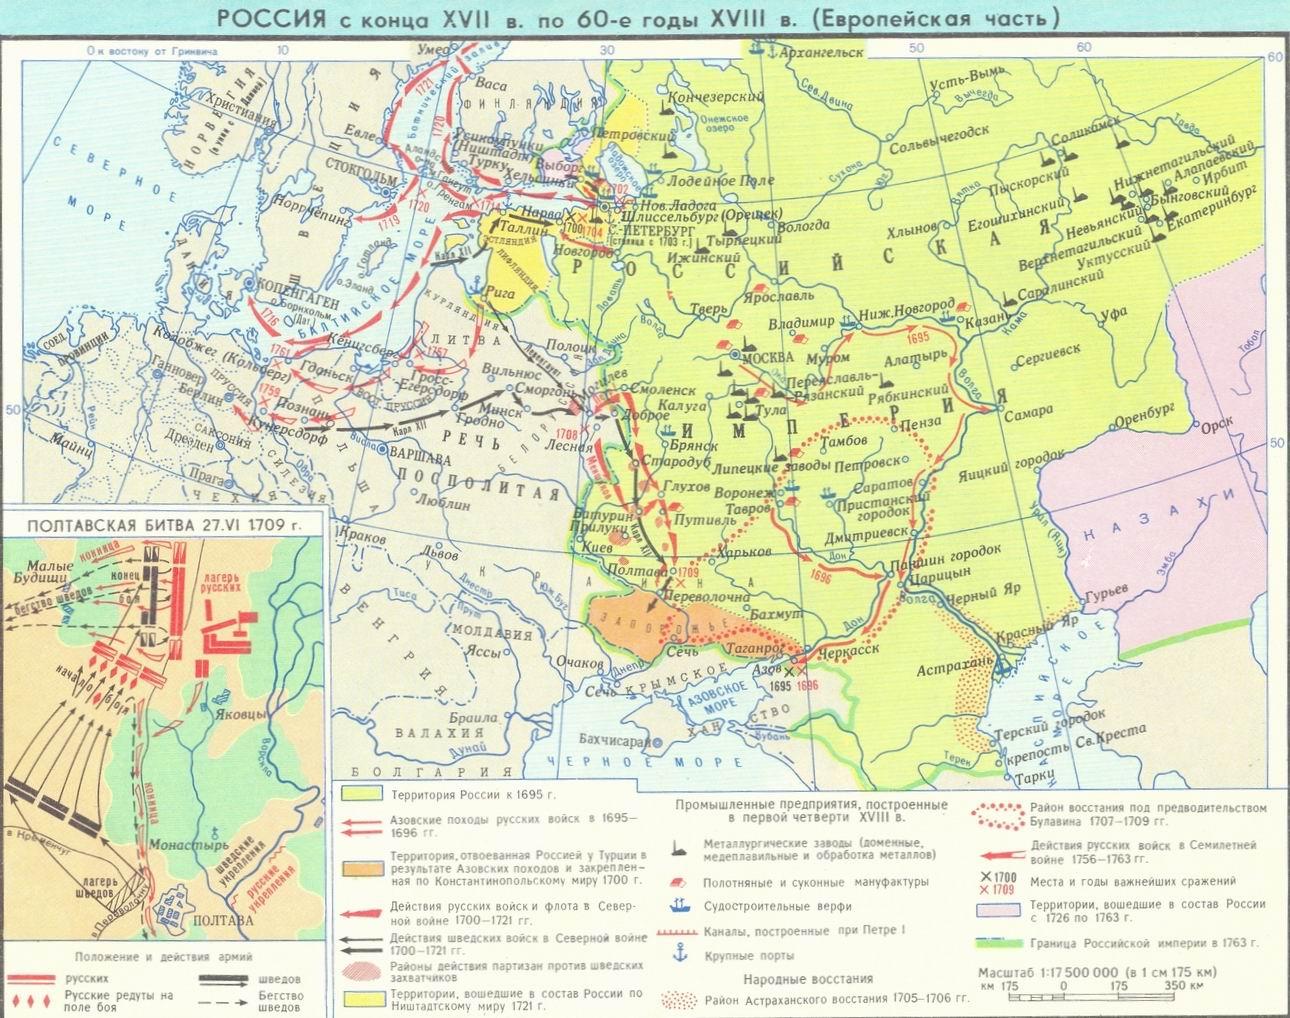 по 17 века гдз века с 18 россия карта конца годы 60